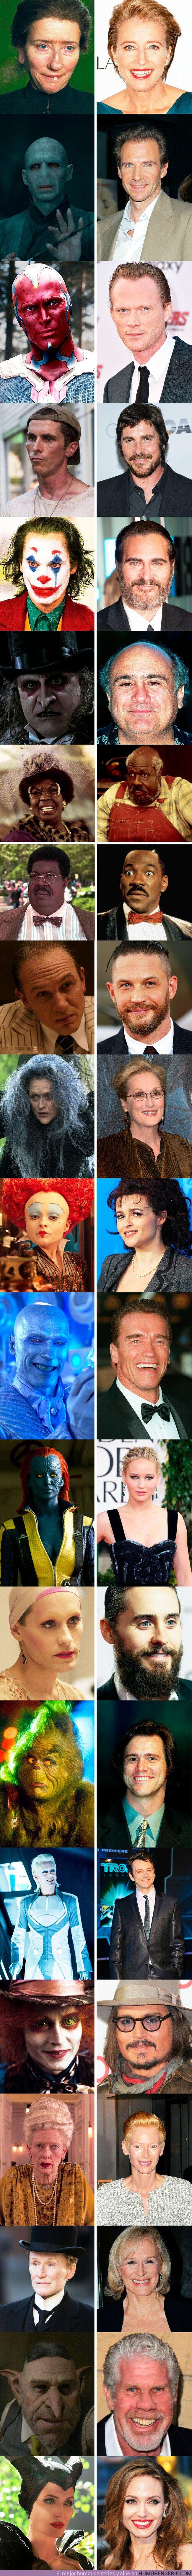 74194 - GALERÍA: 20 Actores que cambiaron de piel de una forma loca para interpretar un papel